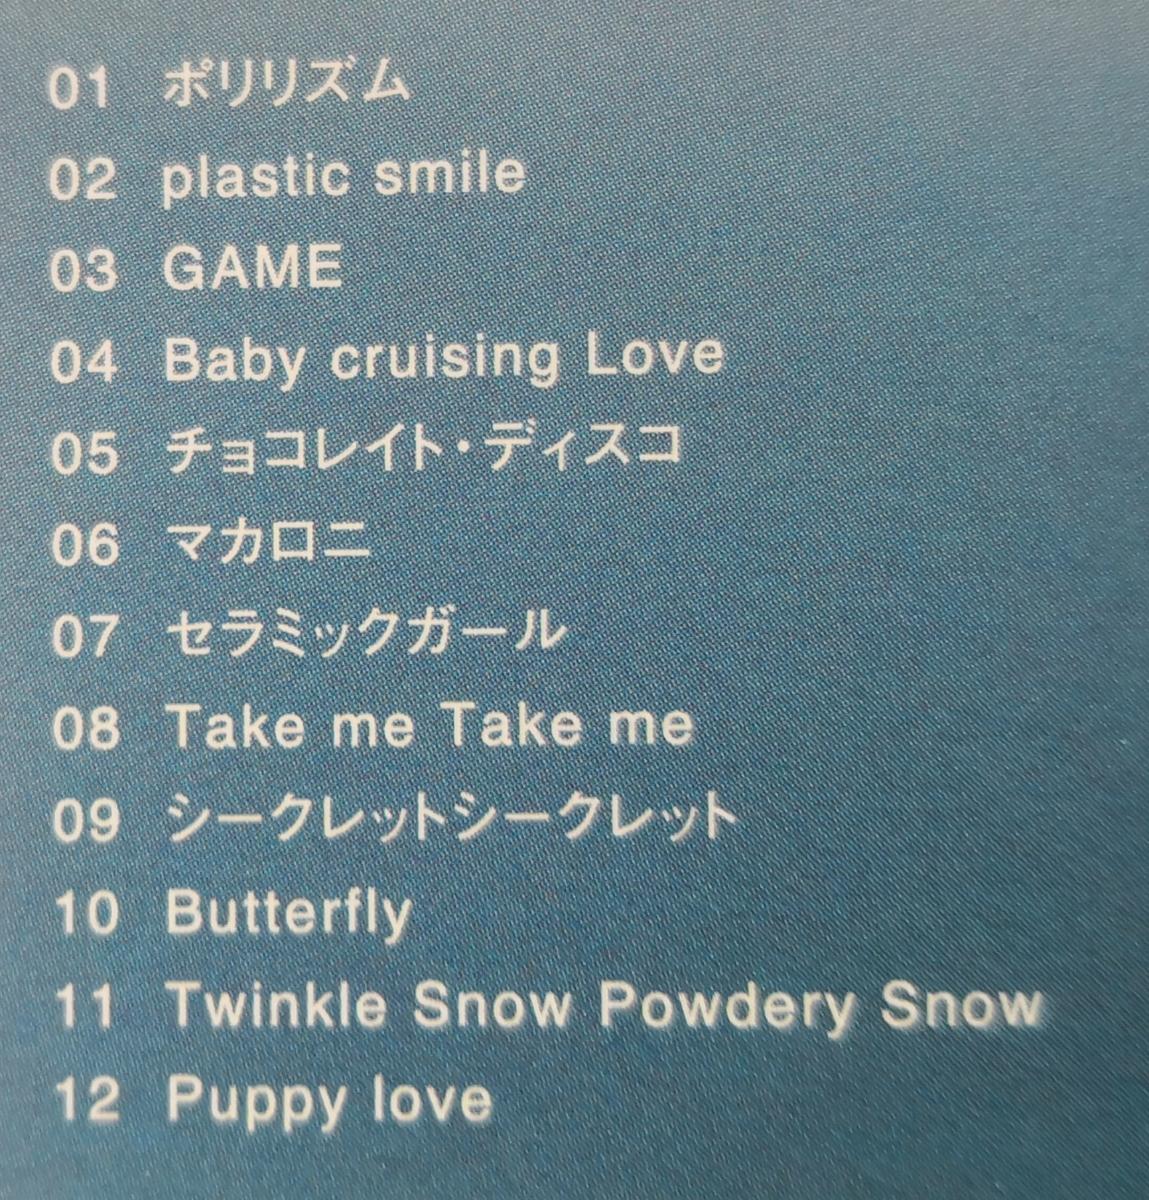 【Perfumeパフューム GAME 】☆2008年徳間ジャパン発売 中古CD☆ 100円スタート売り切り ☆当時ものです_画像5